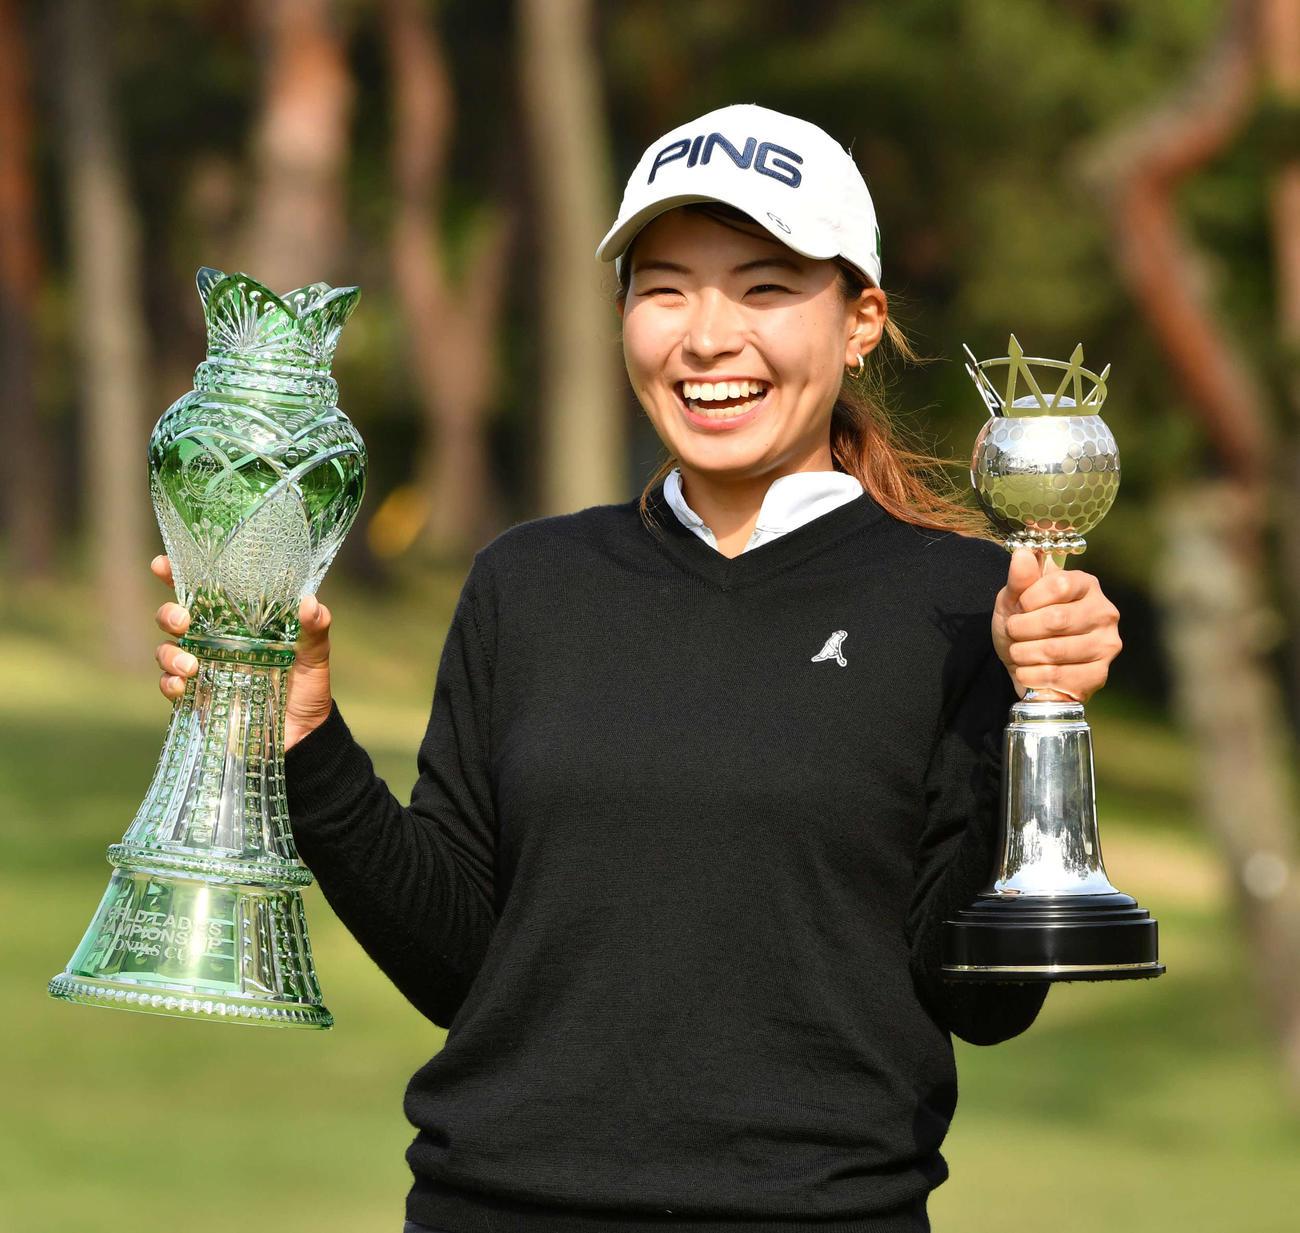 19年5月12日ワールド・サロンパス・カップ 最終日、笑顔で優勝杯を掲げる渋野日向子